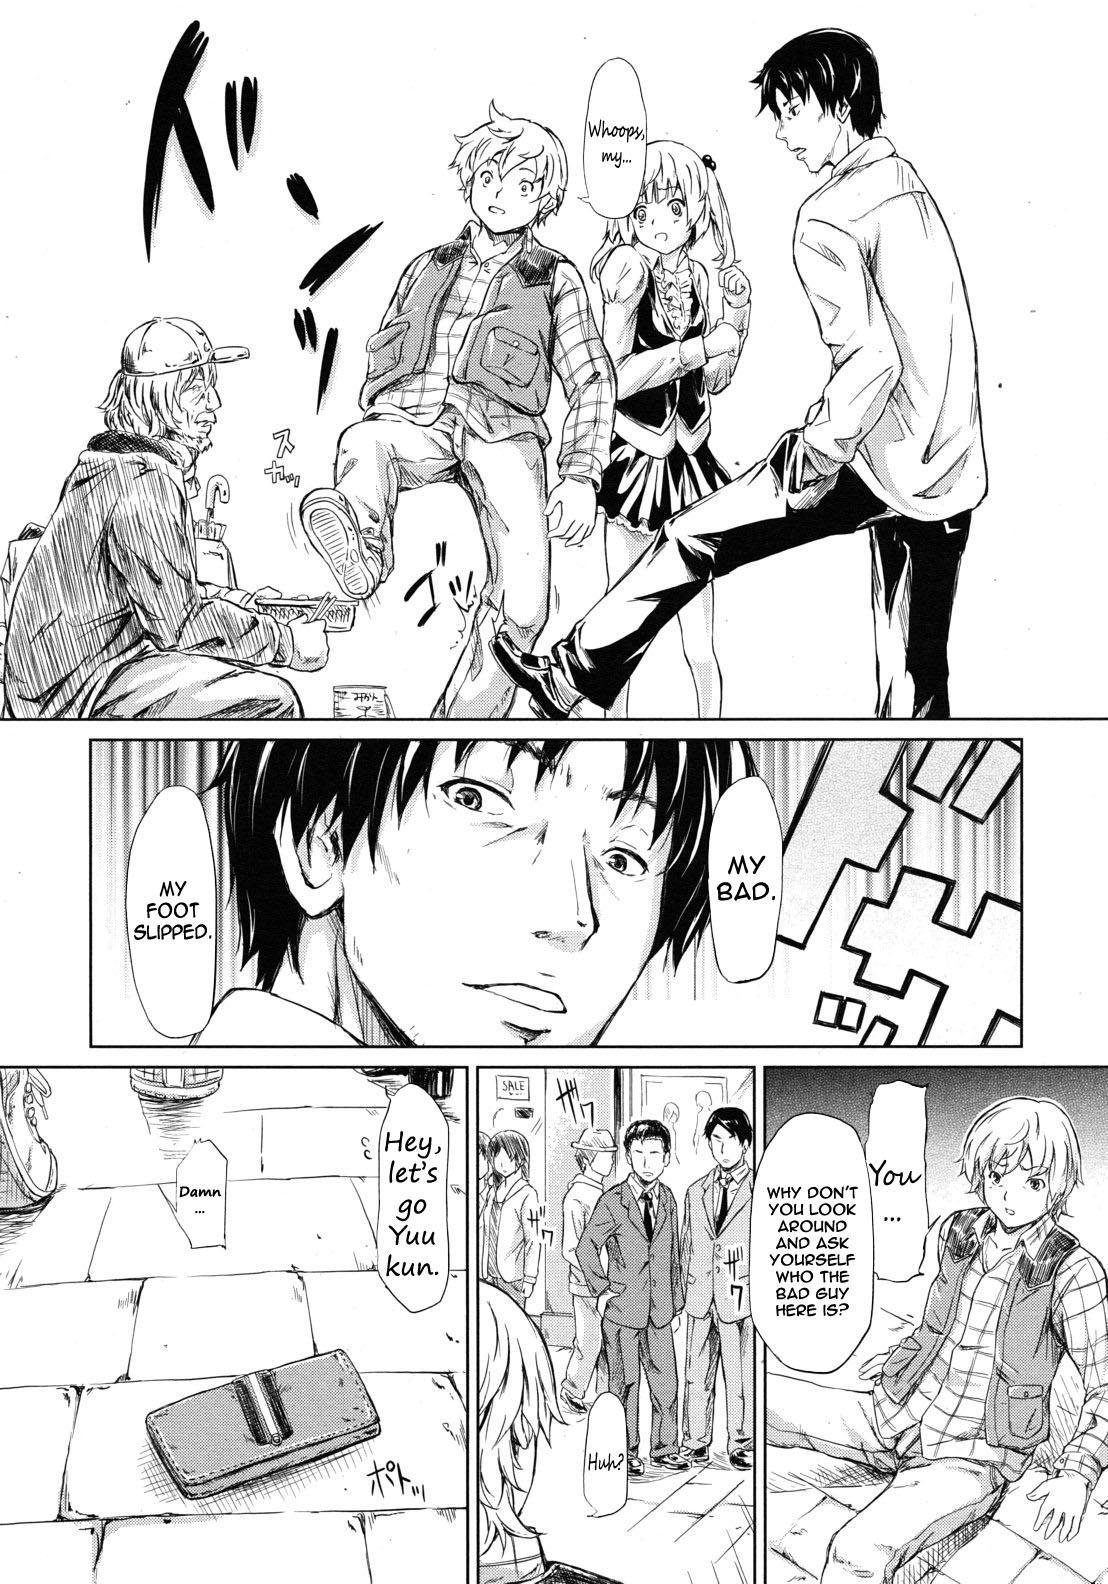 [Shiki Takuto] if - Tokei Monogatari | if - A Story About a Watch (Comic MUJIN 2012-07) [English] =LWB= 9